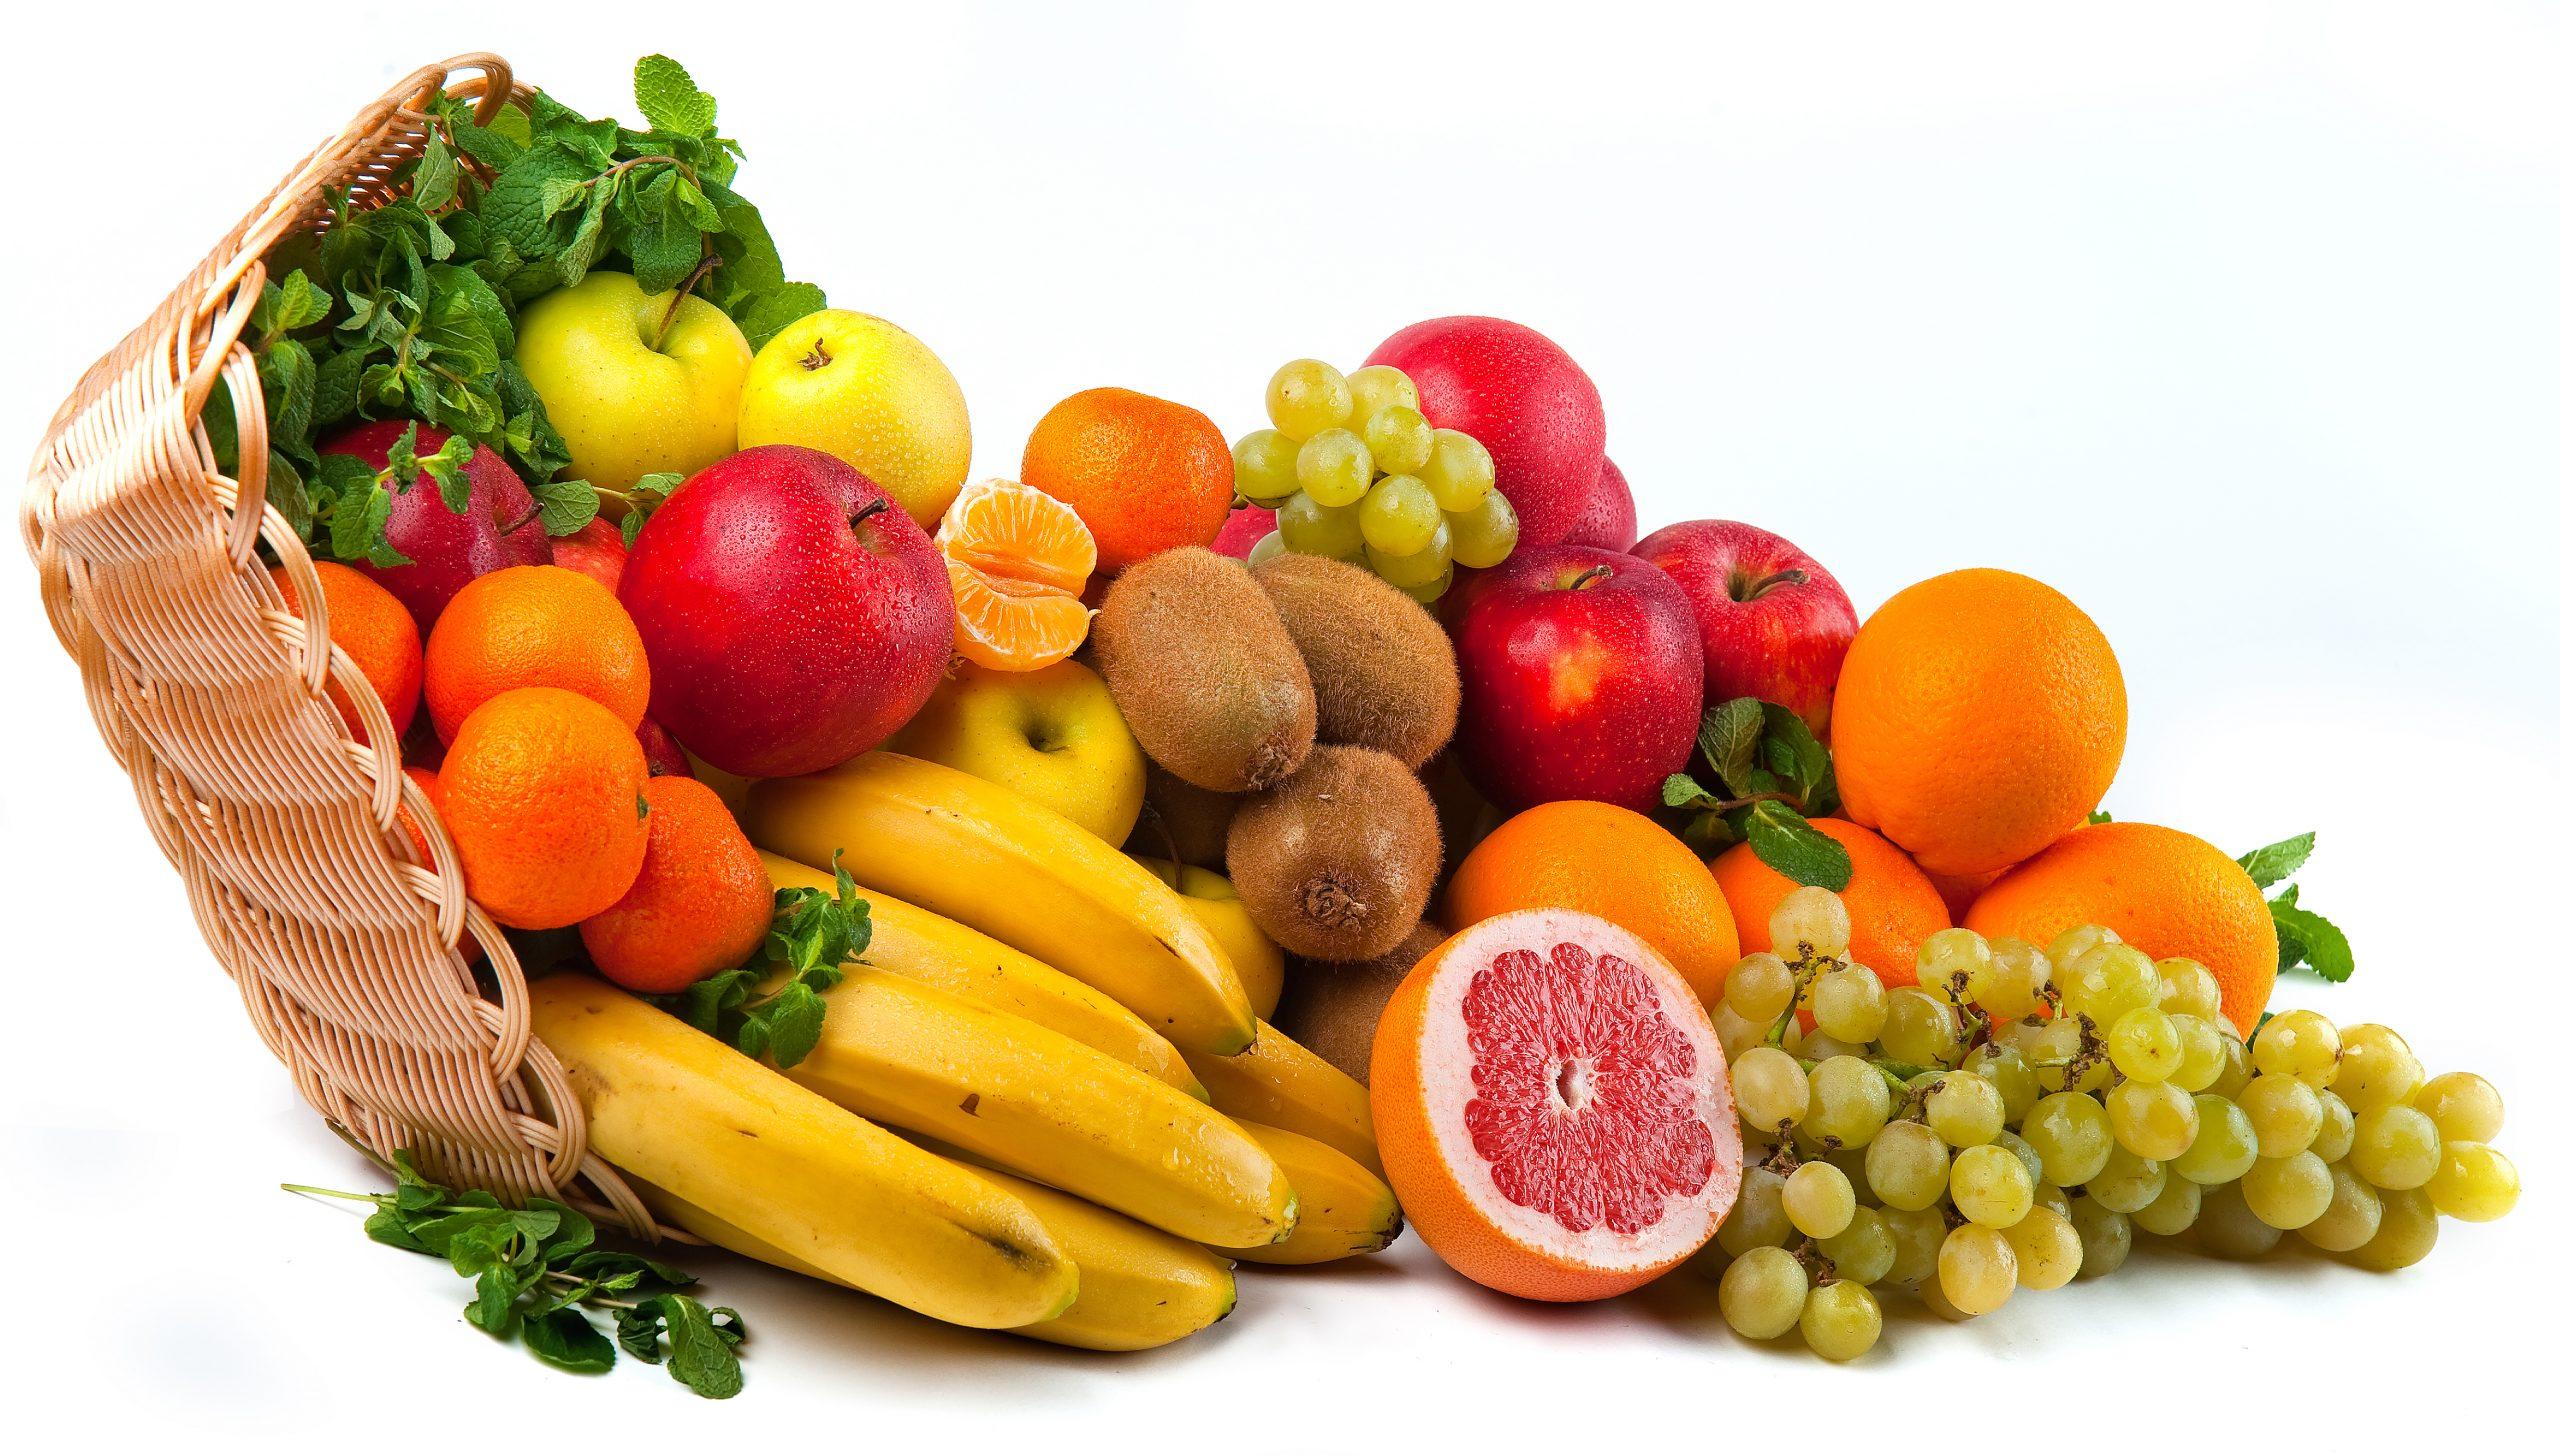 Você sabe o que significa a cor de cada alimento?